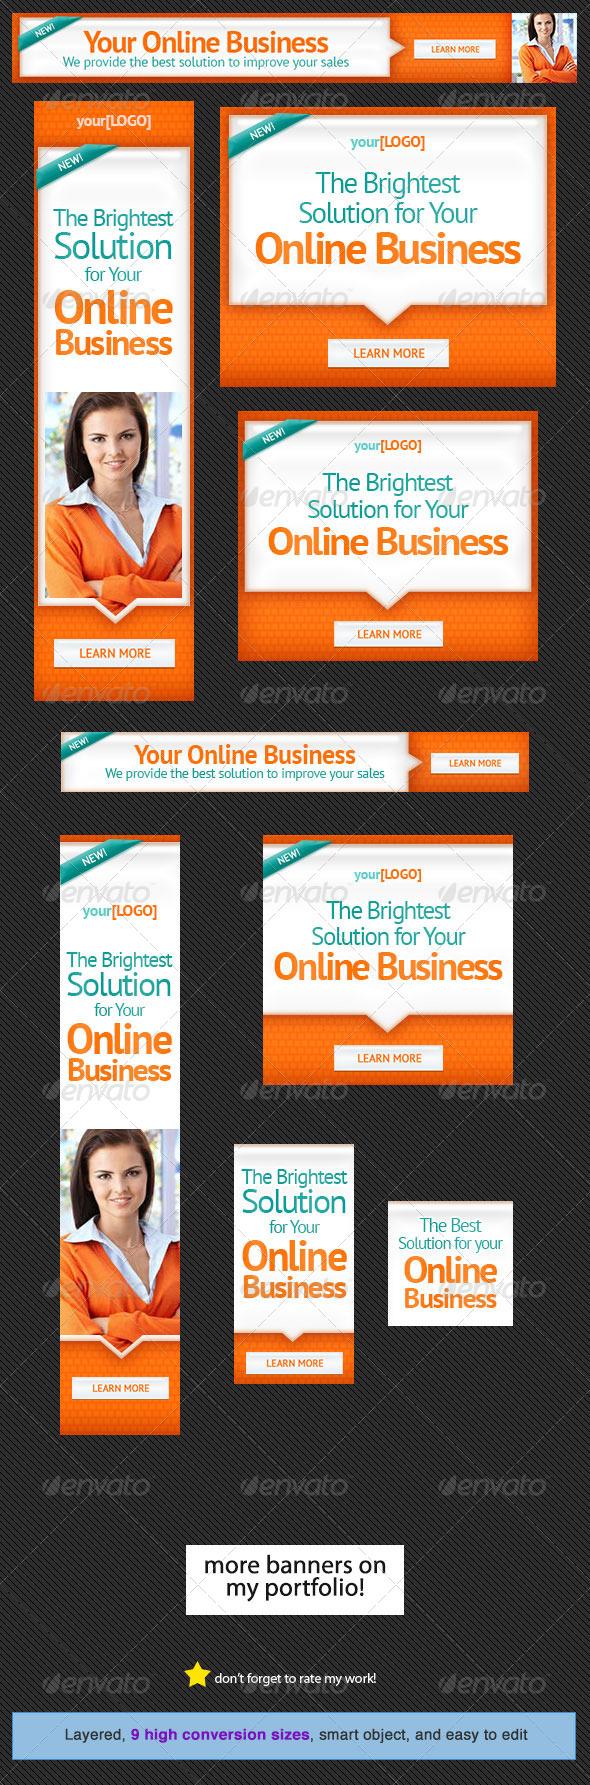 GraphicRiver Corporate Web Banner Design Template 21 5350705